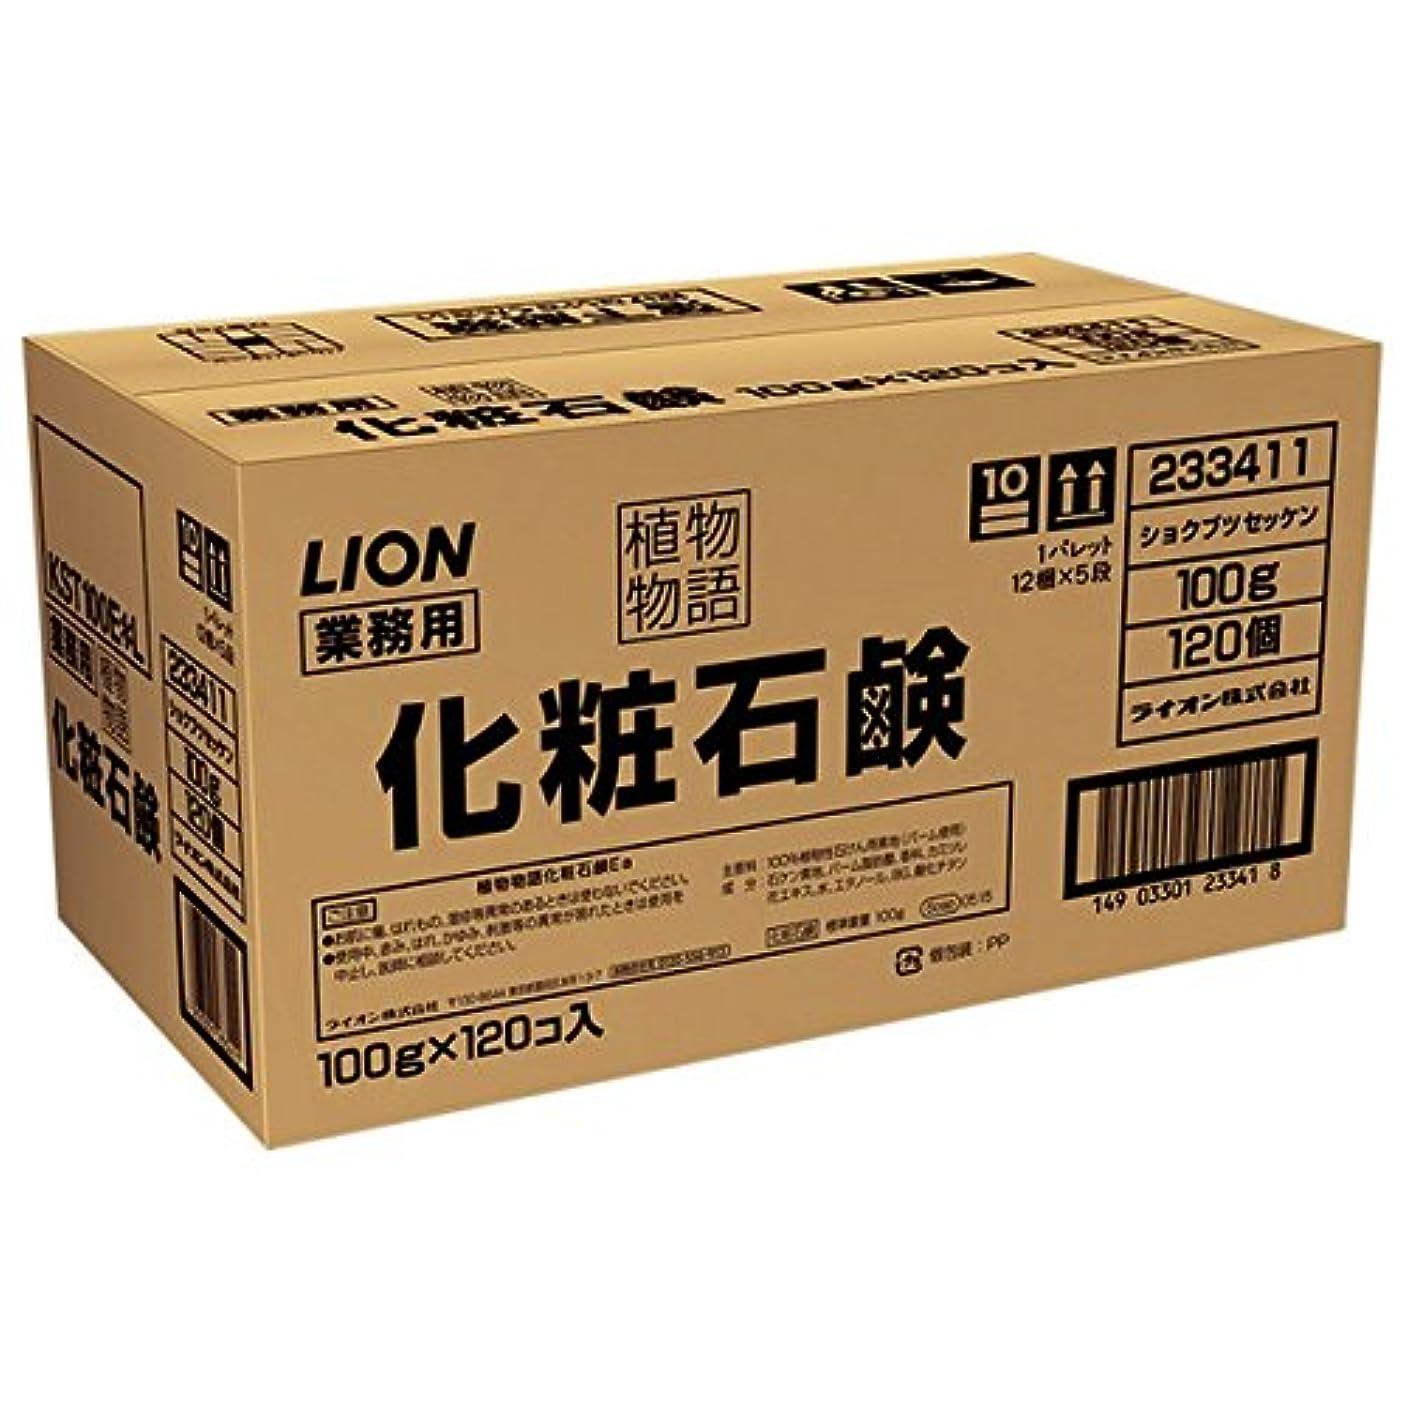 寄付適応する批判ライオン 植物物語 化粧石鹸 業務用 100g 1箱(120個)